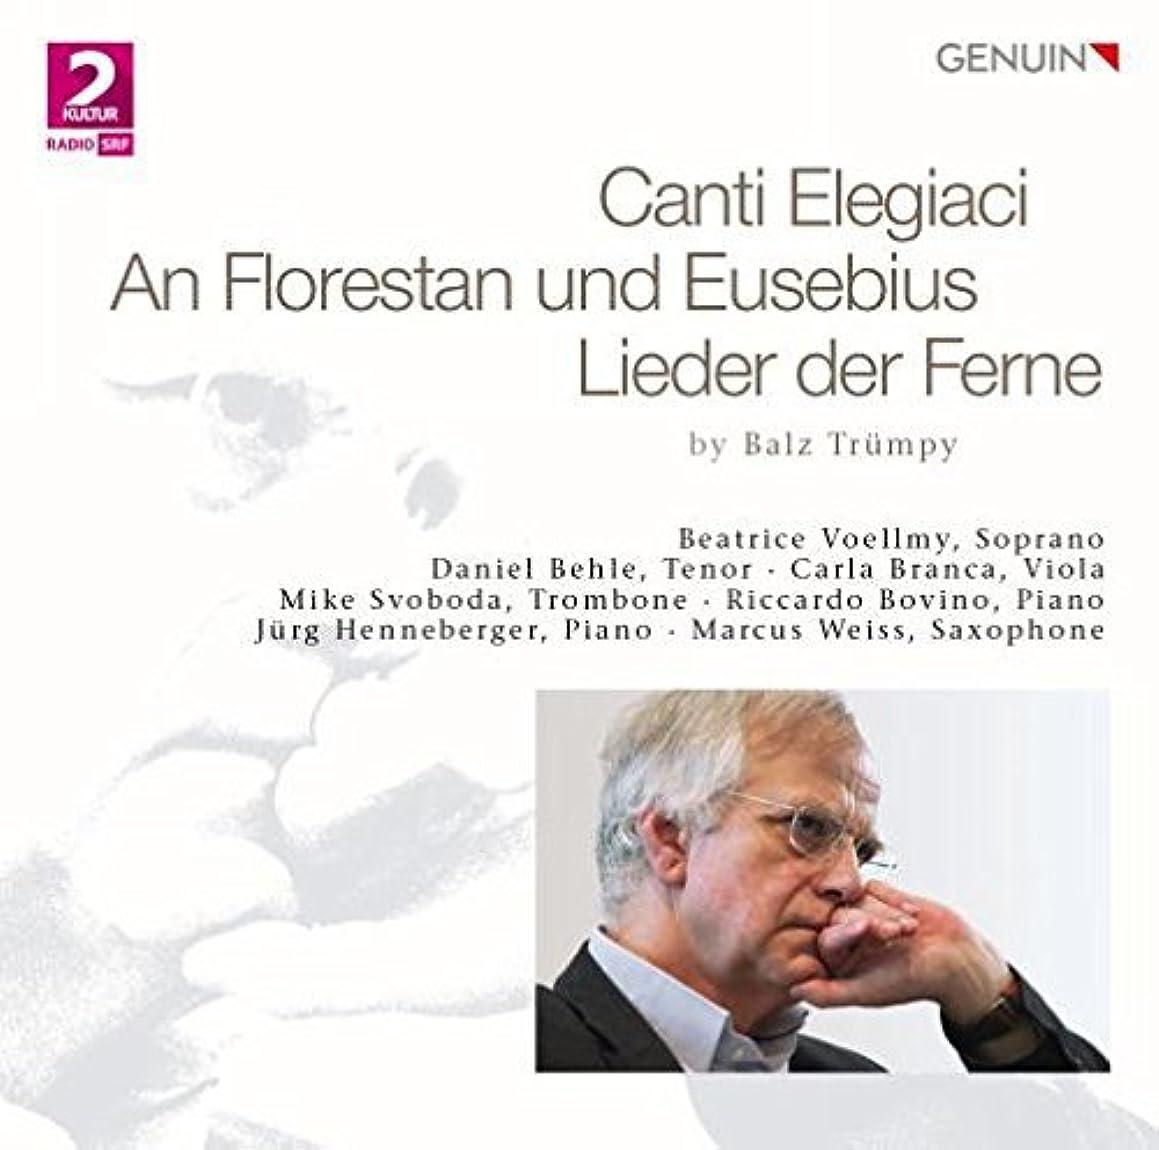 Balz Trumpy: Canti Elegiaci - An Florestan und Eusebius - Lieder der Ferne